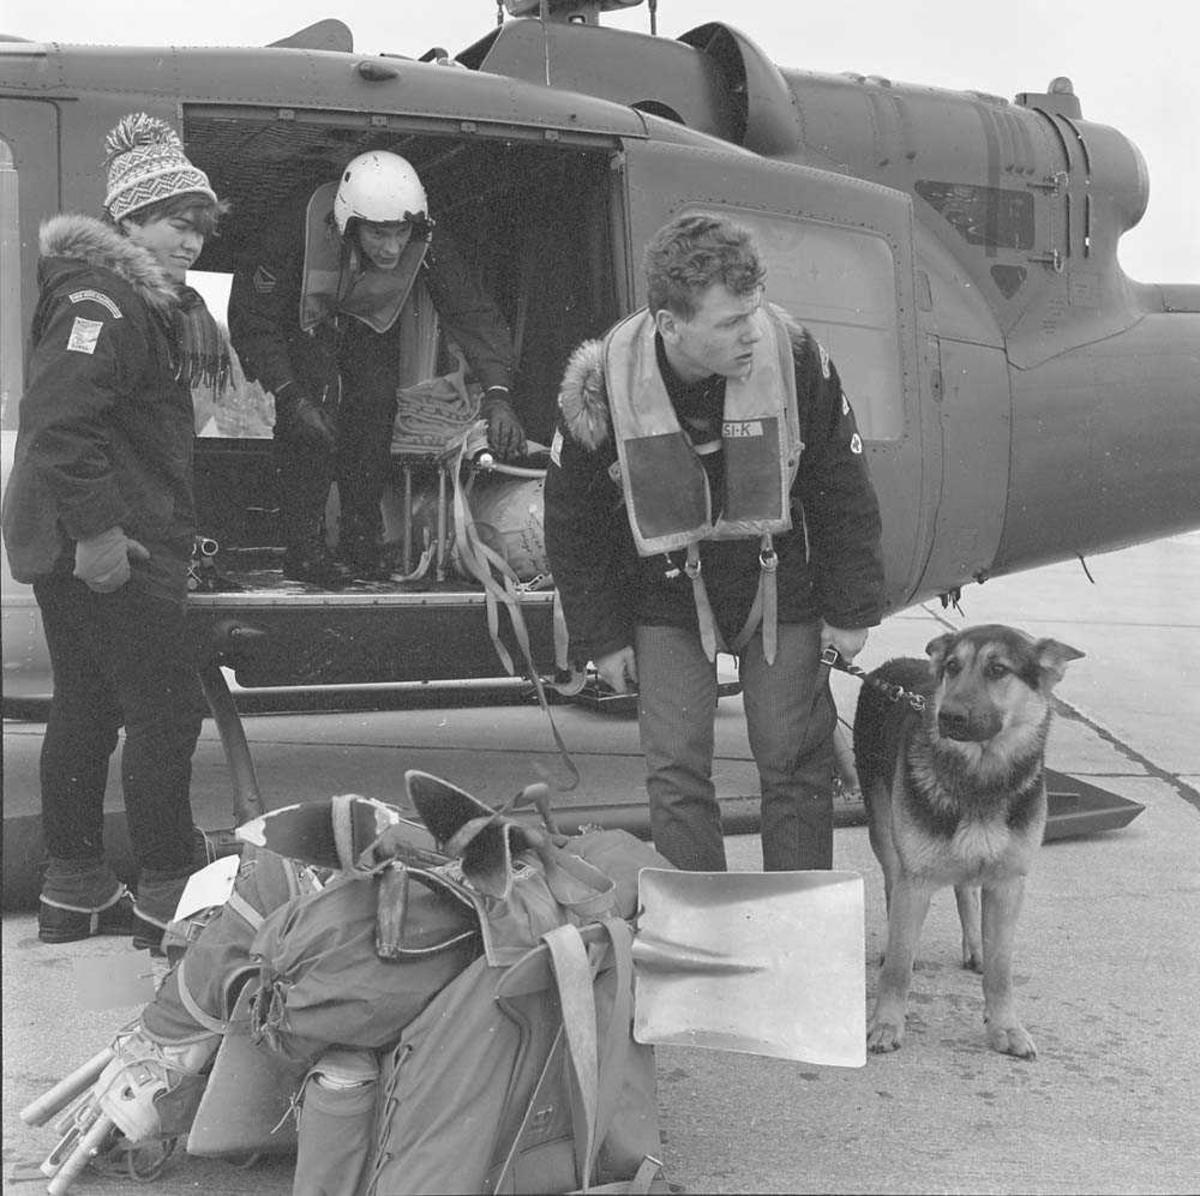 Redningsøvelse på Saltfjellet, Nordland, gjennomføres med Salten Røde Kors Hjelpekorps og helikopter, Bell 204, fra 719 skv, Bodø flyst.